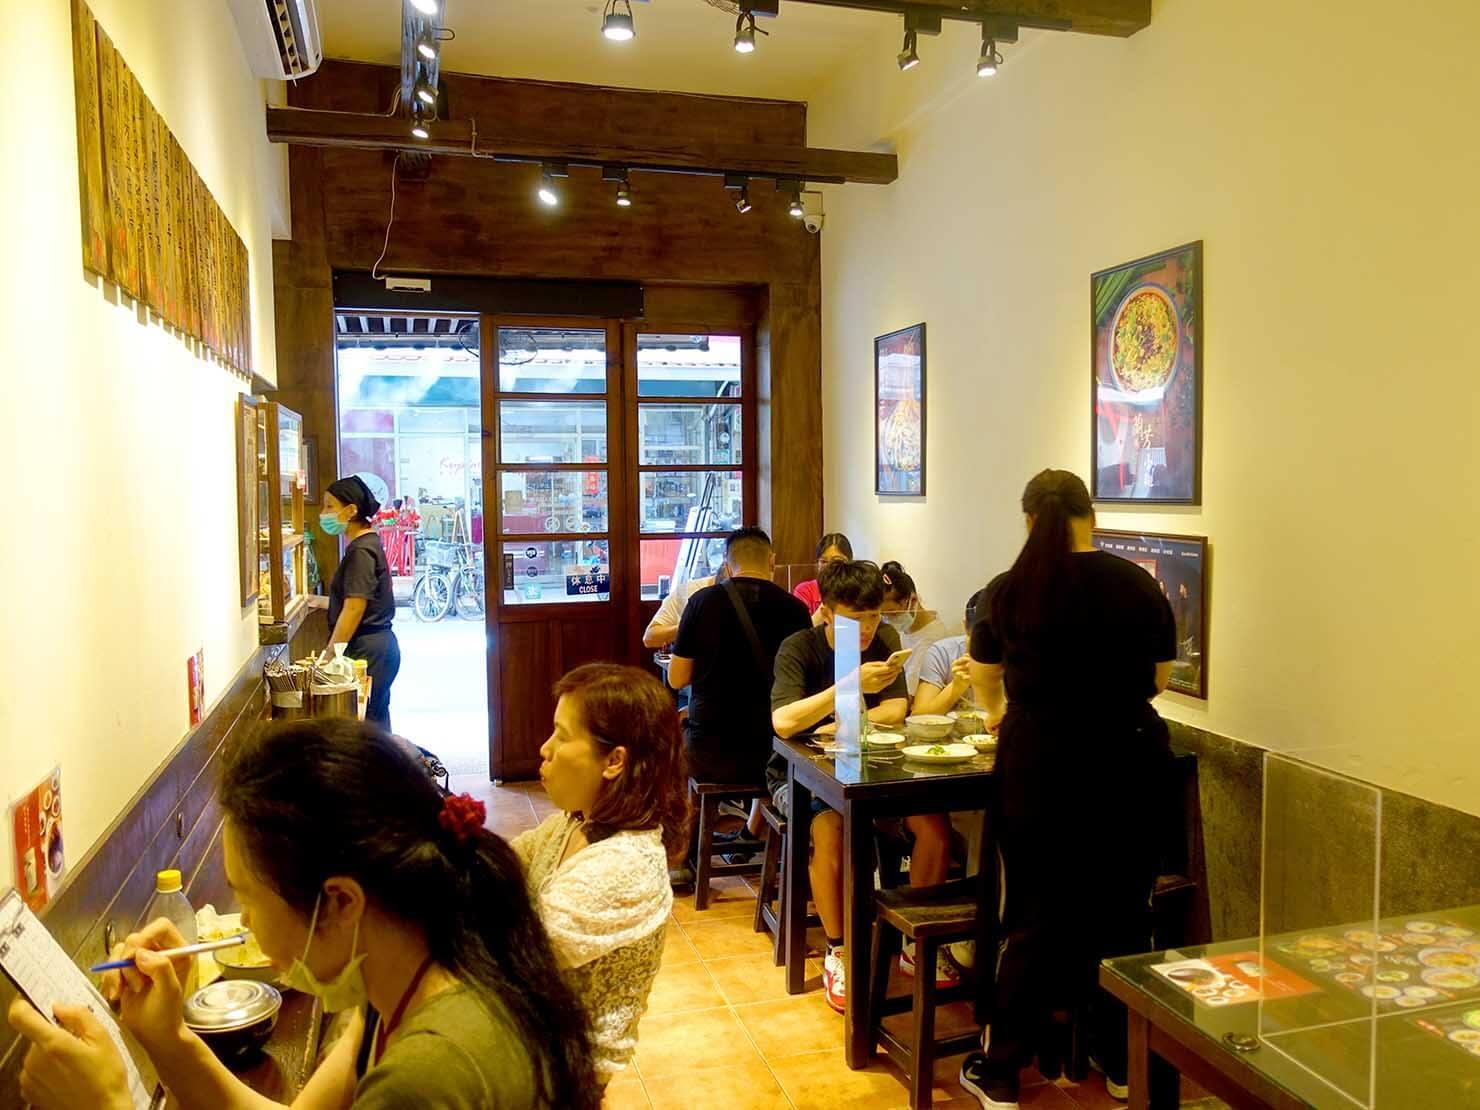 台北・遼寧街夜市のおすすめグルメ店「蘭芳麵食館」の店内